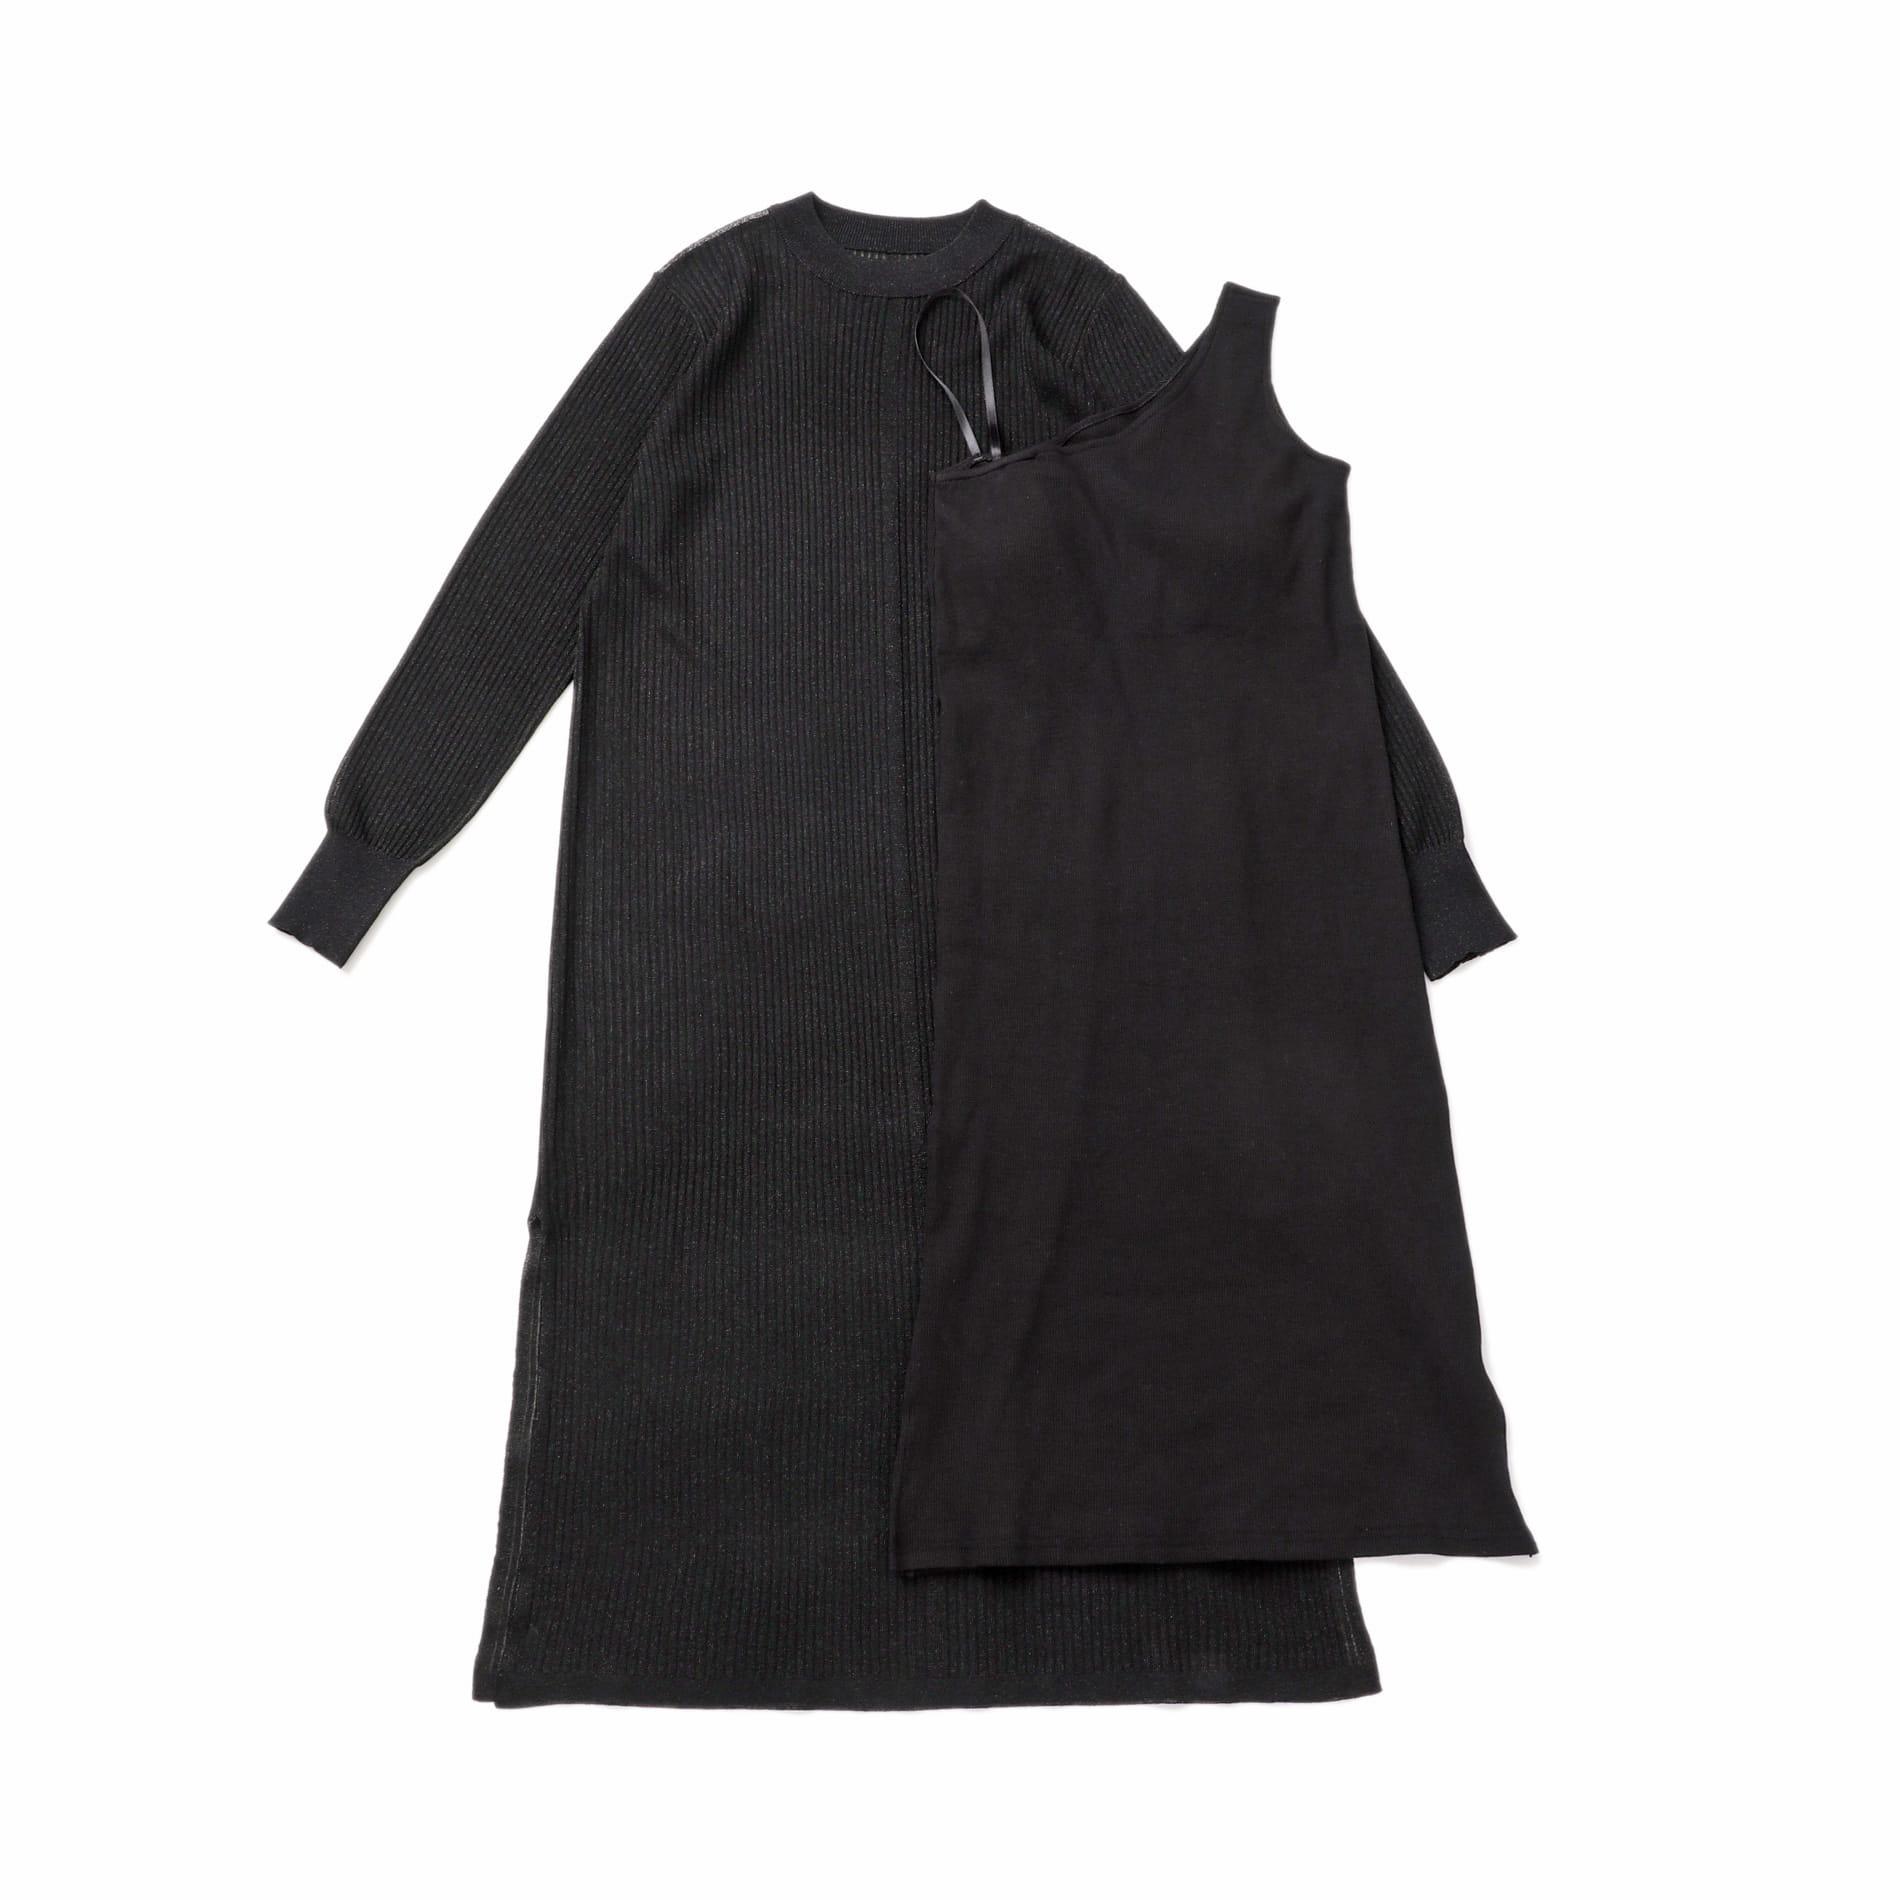 シアー レイヤード ワンショルダー ドレス